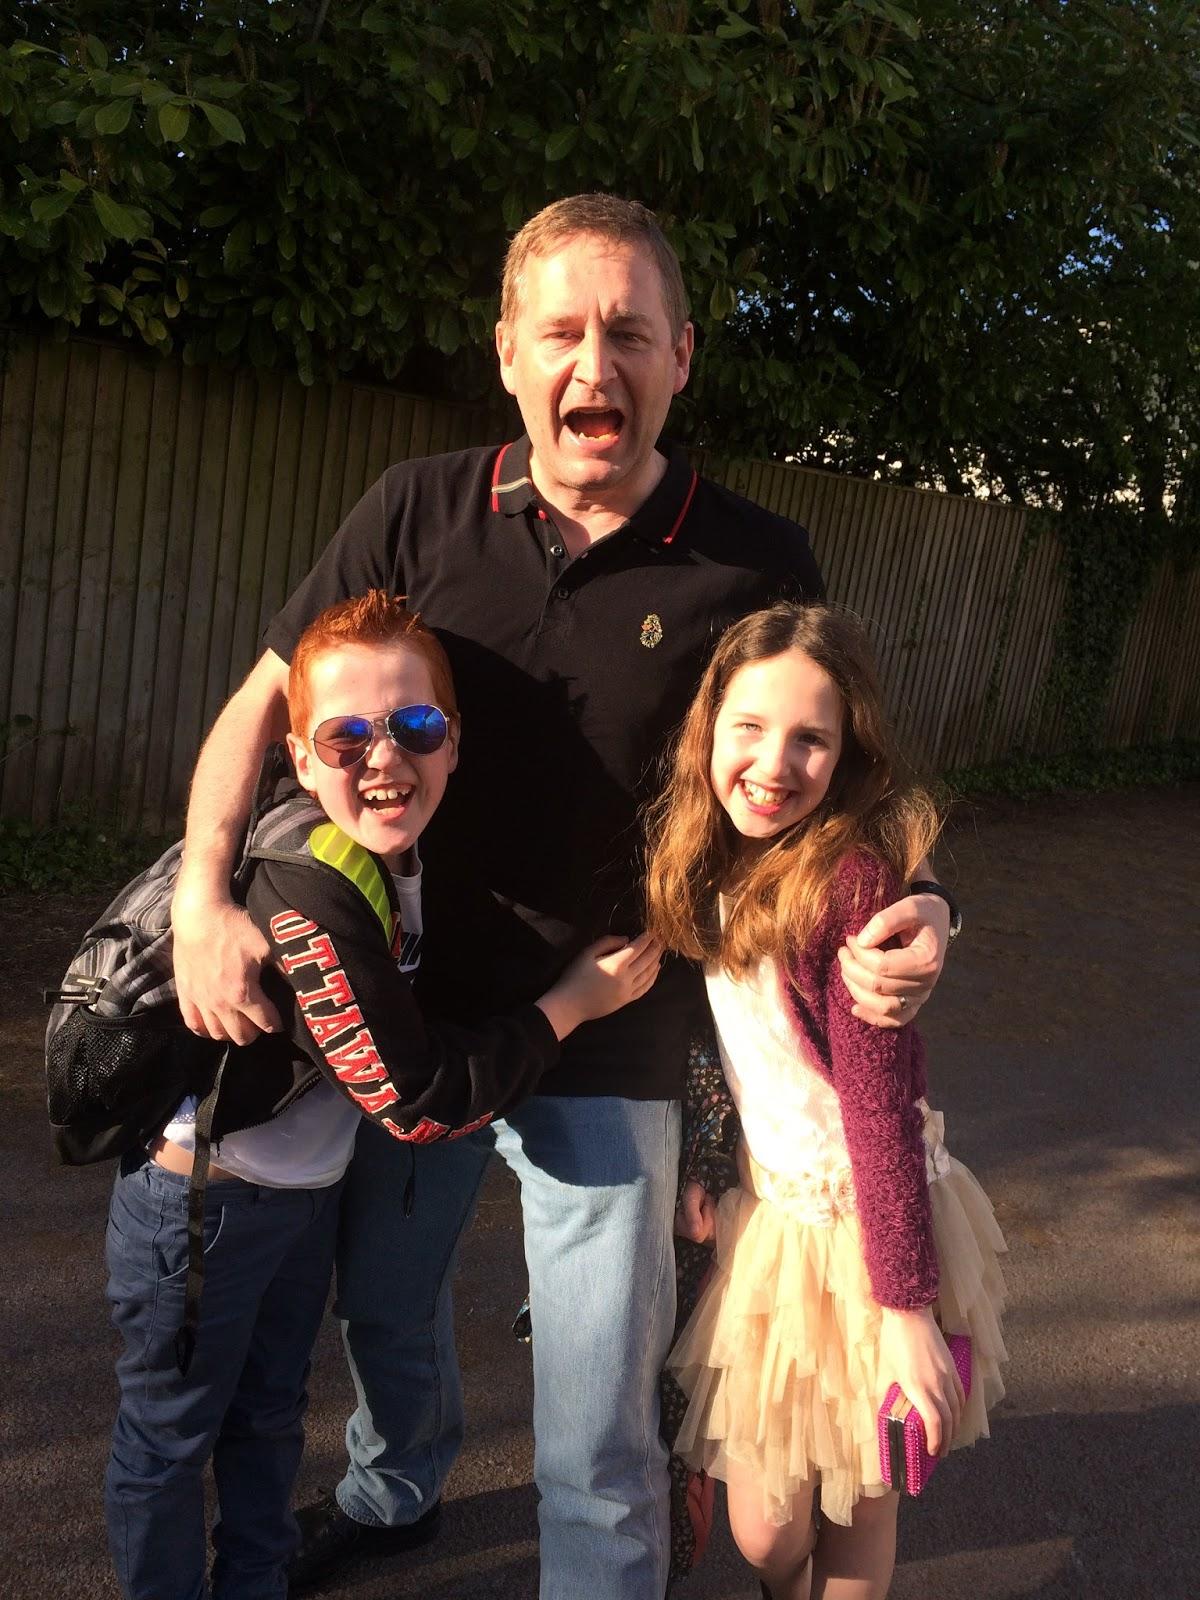 Mat, Caitlin & Ieuan Hobbis at The Fox & Hounds, Llancarfan